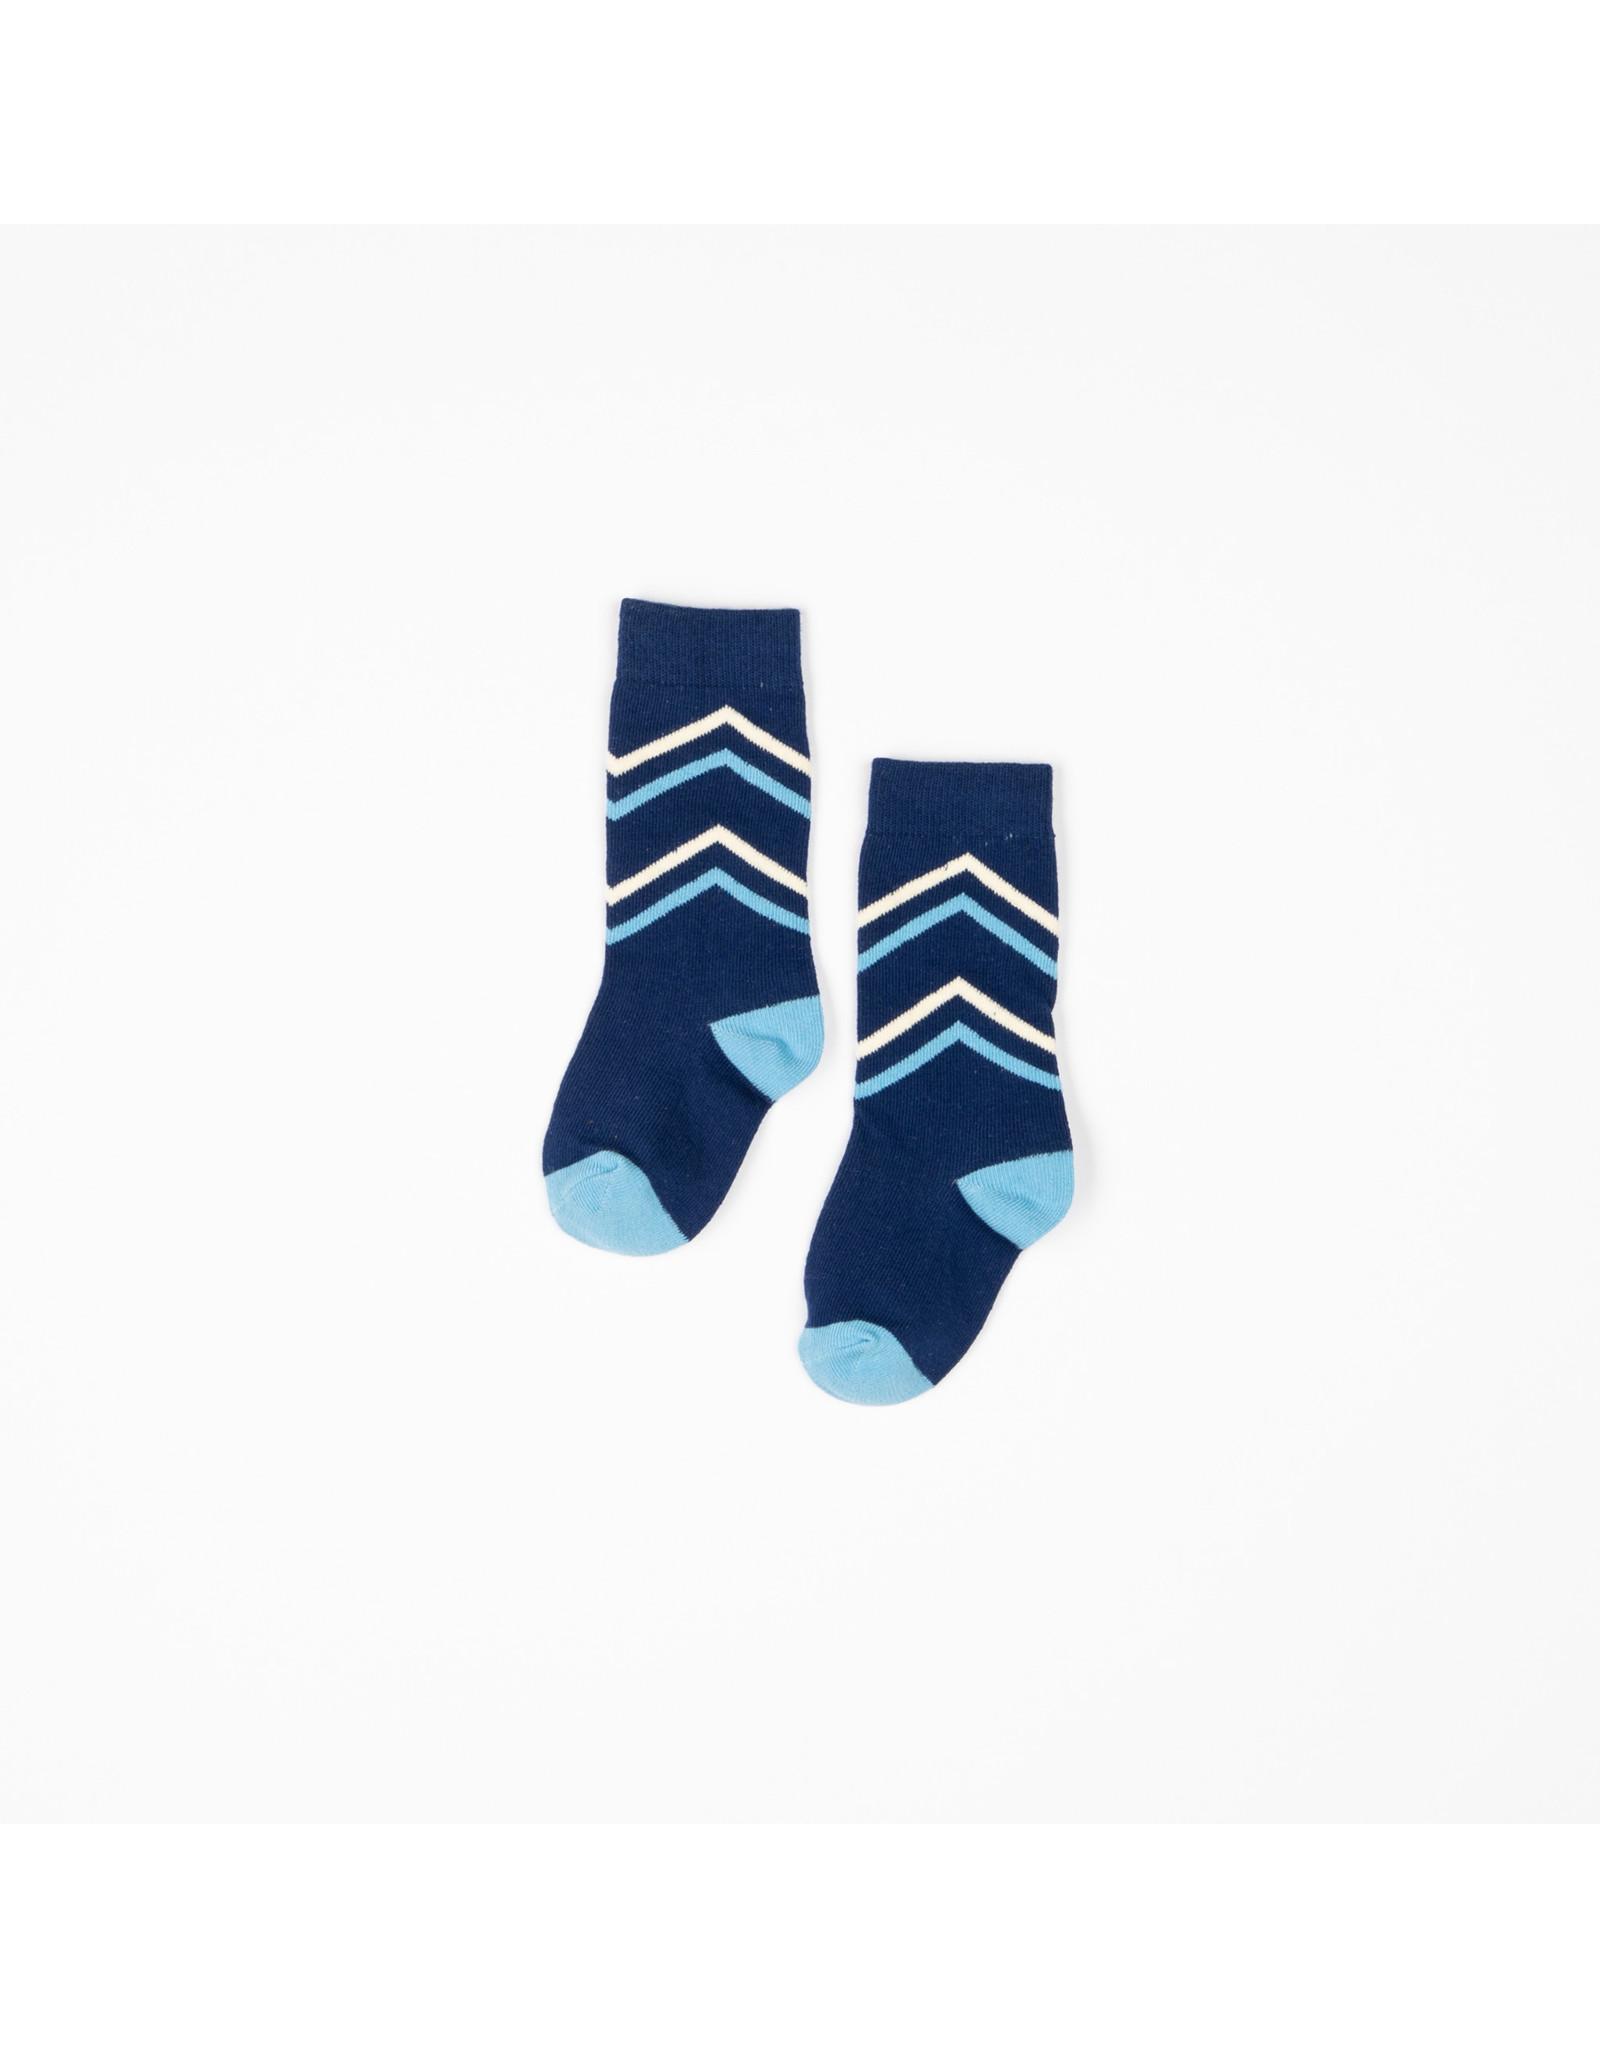 ALBA of Denmark Donker blauwe kniekousen met kleine v-tekening